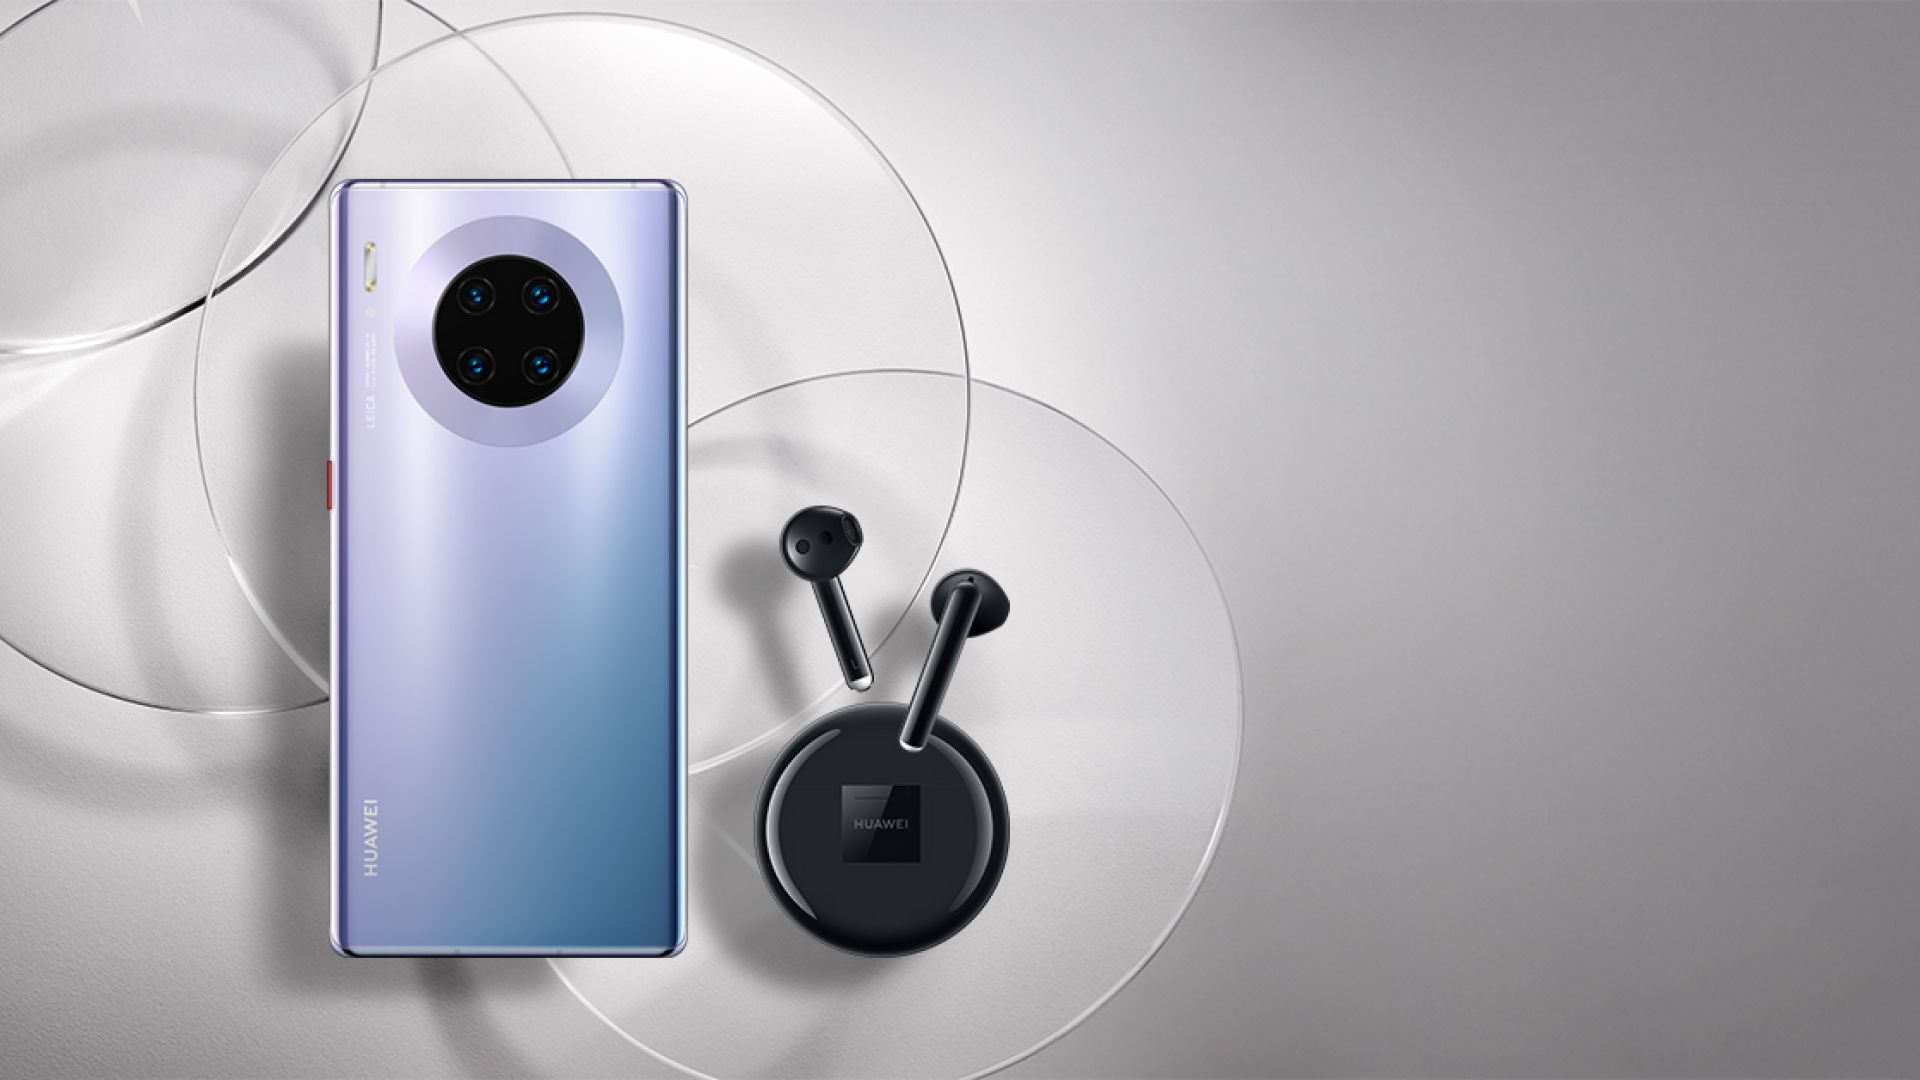 От Huawei предлагат аткрактивен комплект от най-добрия си смартфон и слушалки на много изгодна цена